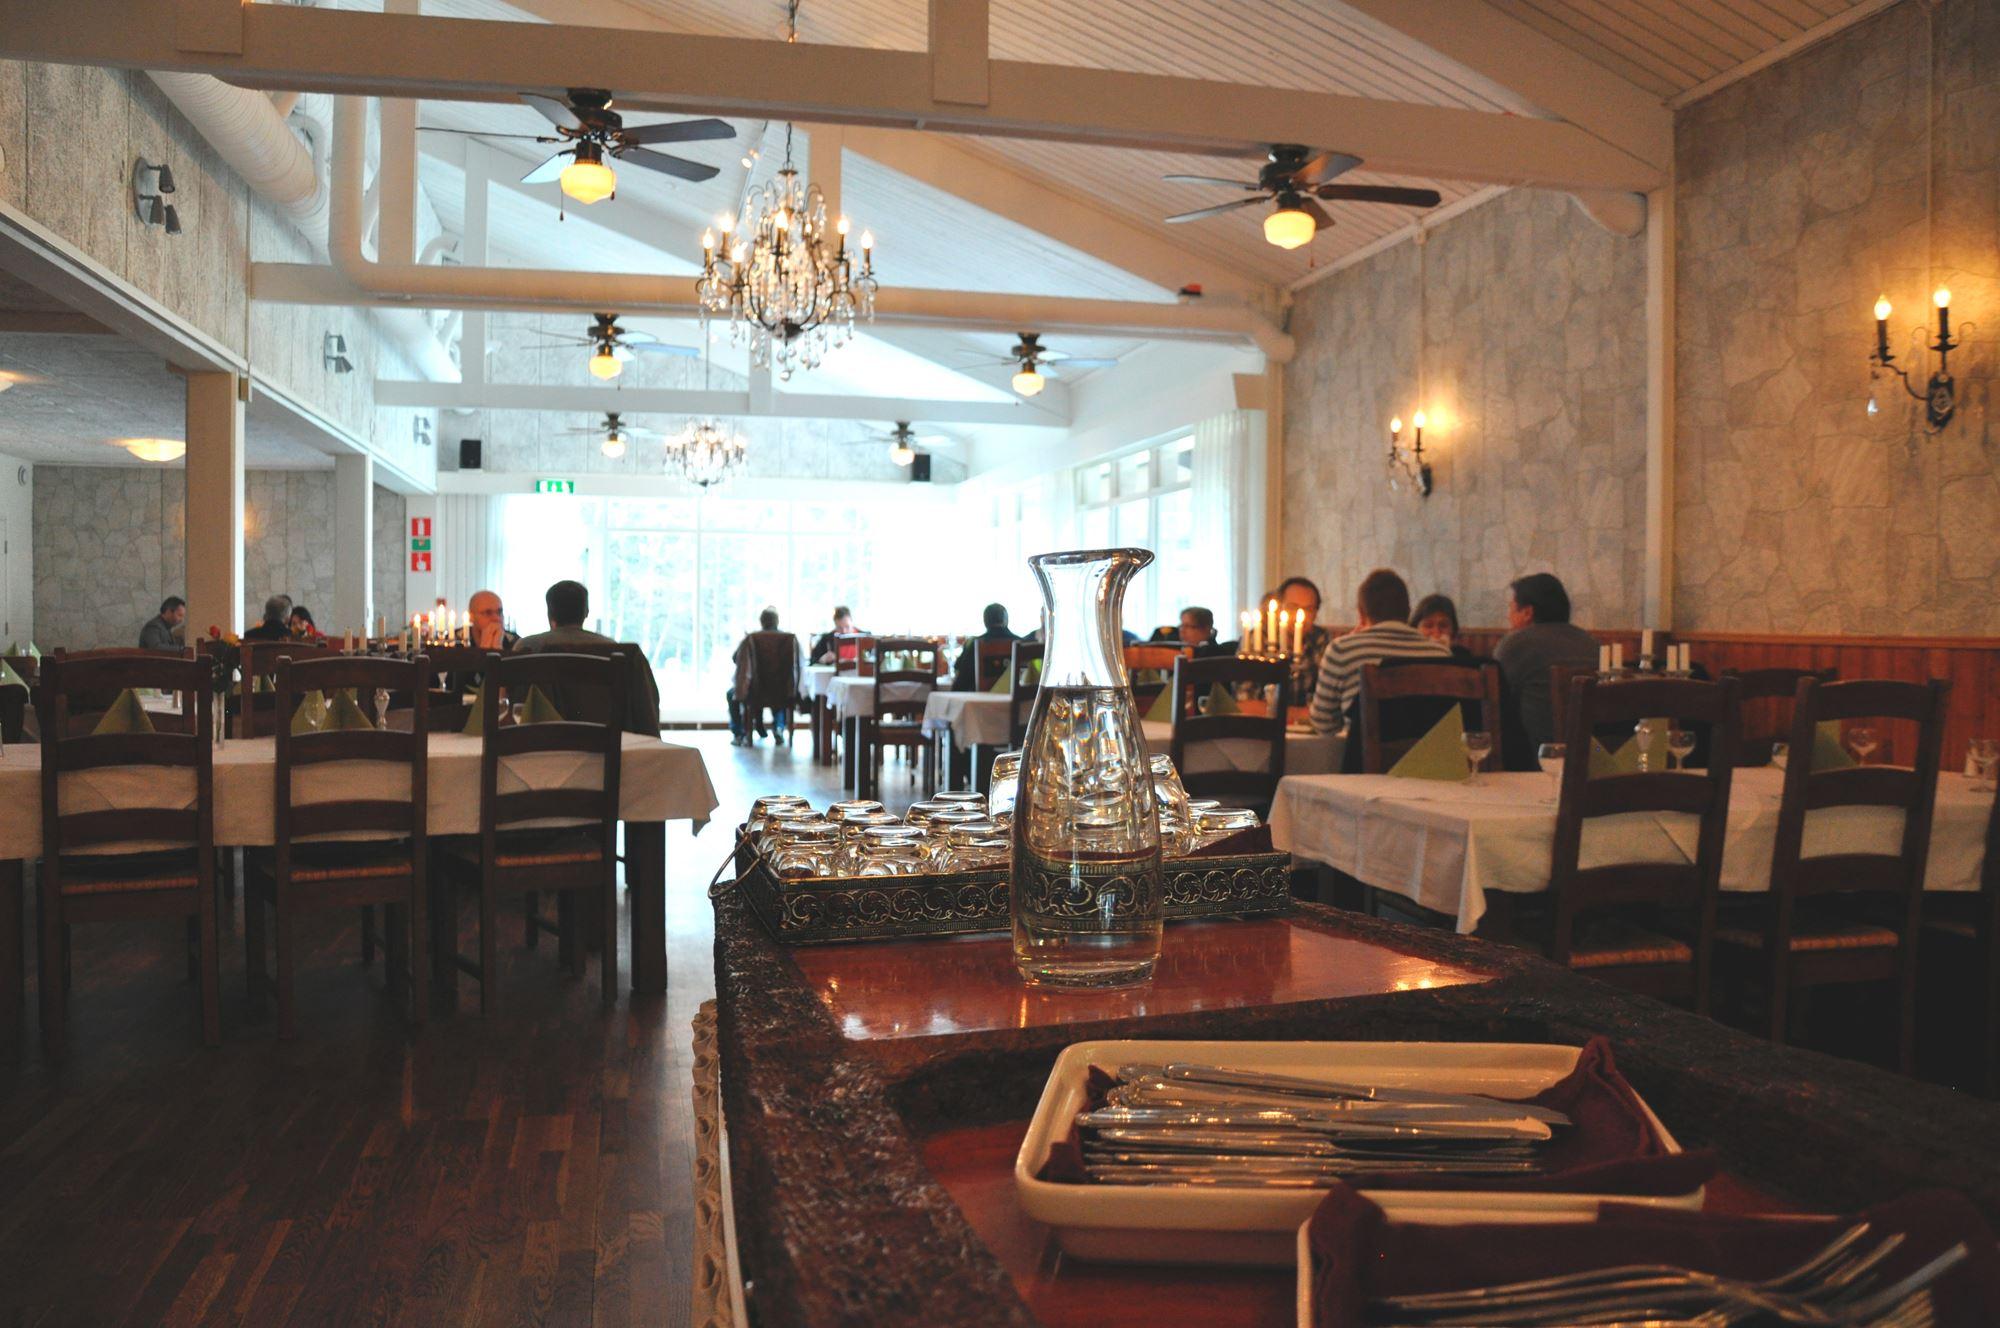 Restaurang Hotel Fritzatorpet